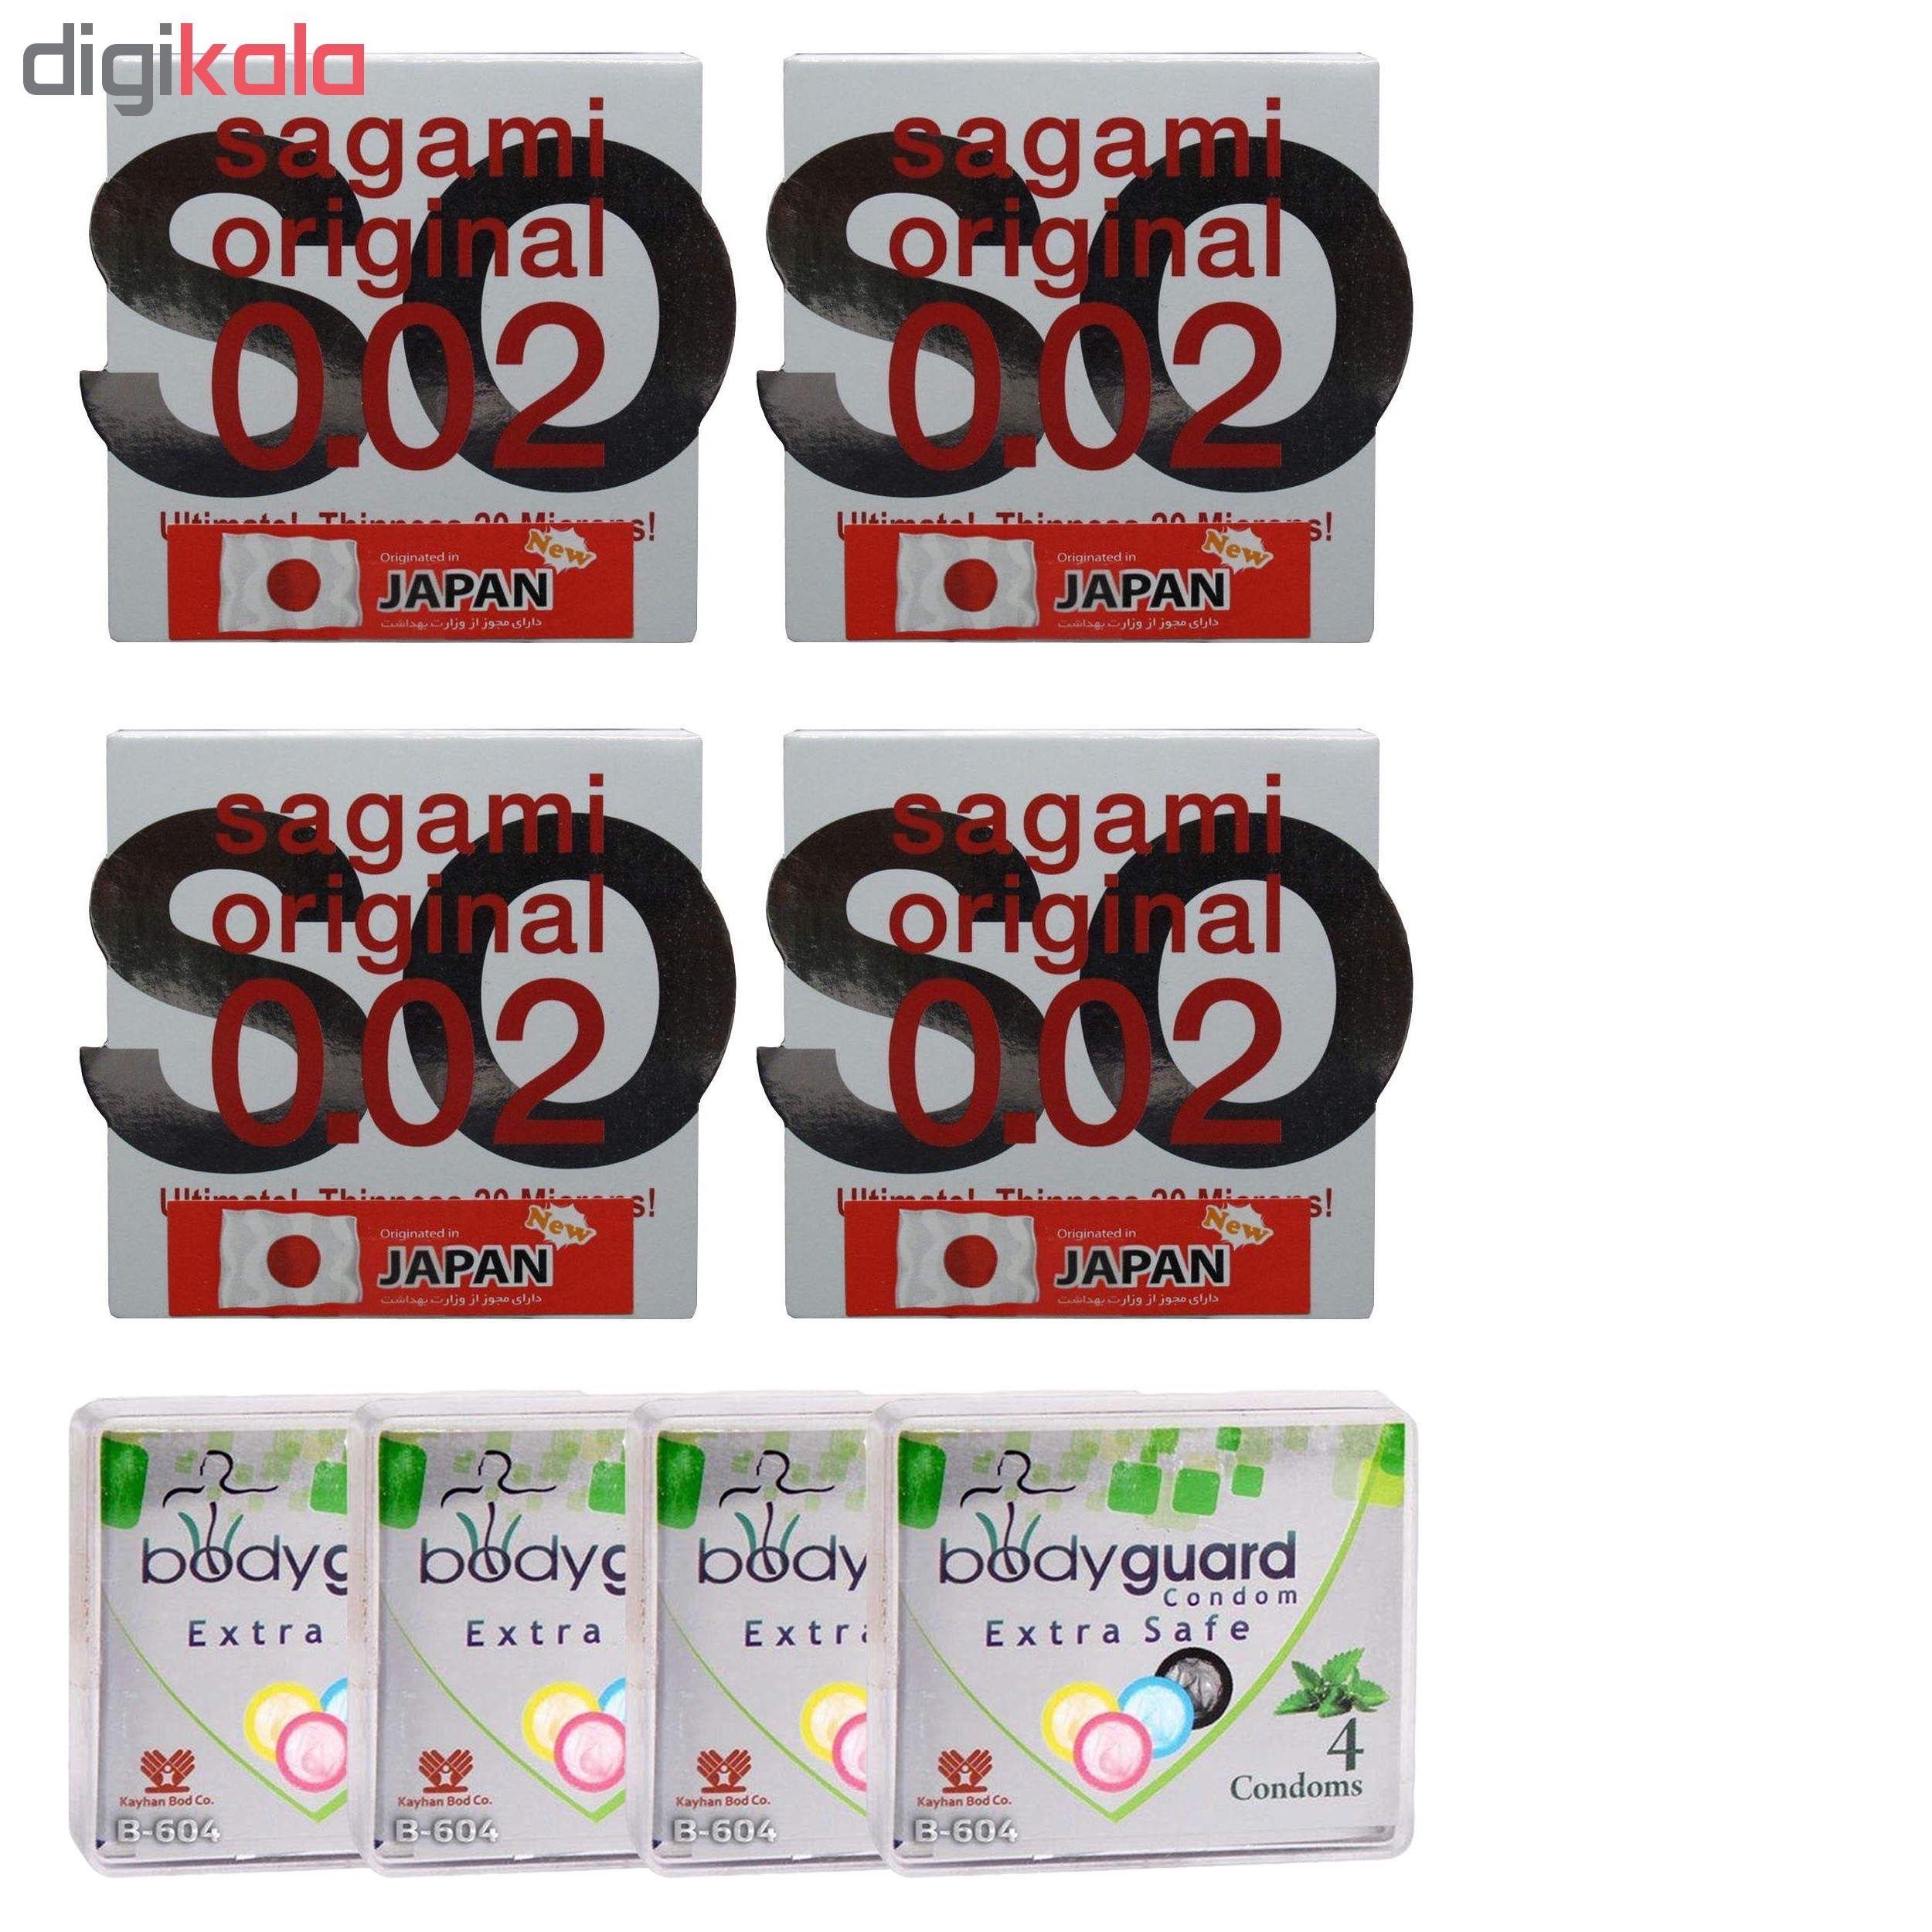 کاندوم ساگامی مدل نرمال مجموعه 4 عددی به همراه کاندوم بادی گارد مدل اکسترا سیف مجموعه 4 عددی